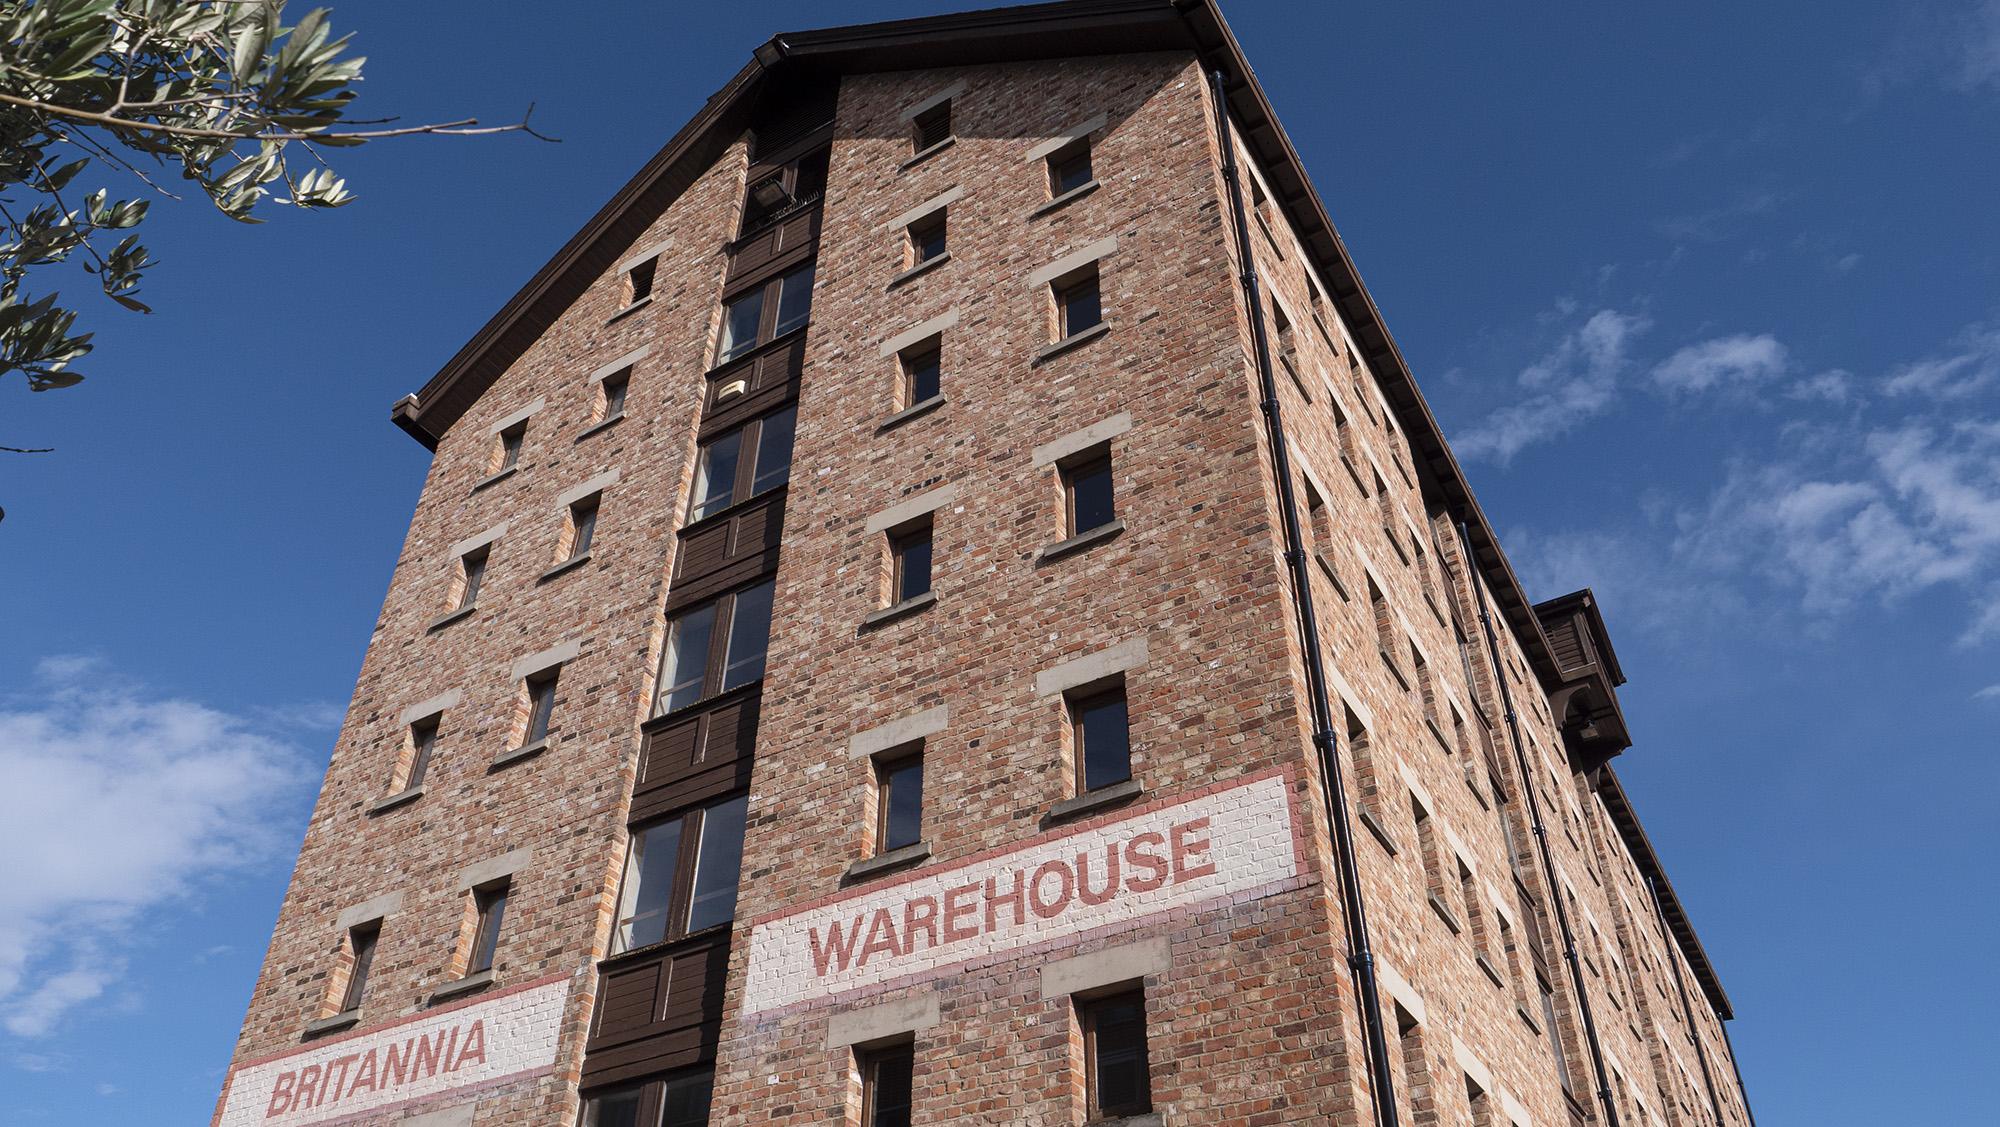 Britannia Warehouse - Quattro